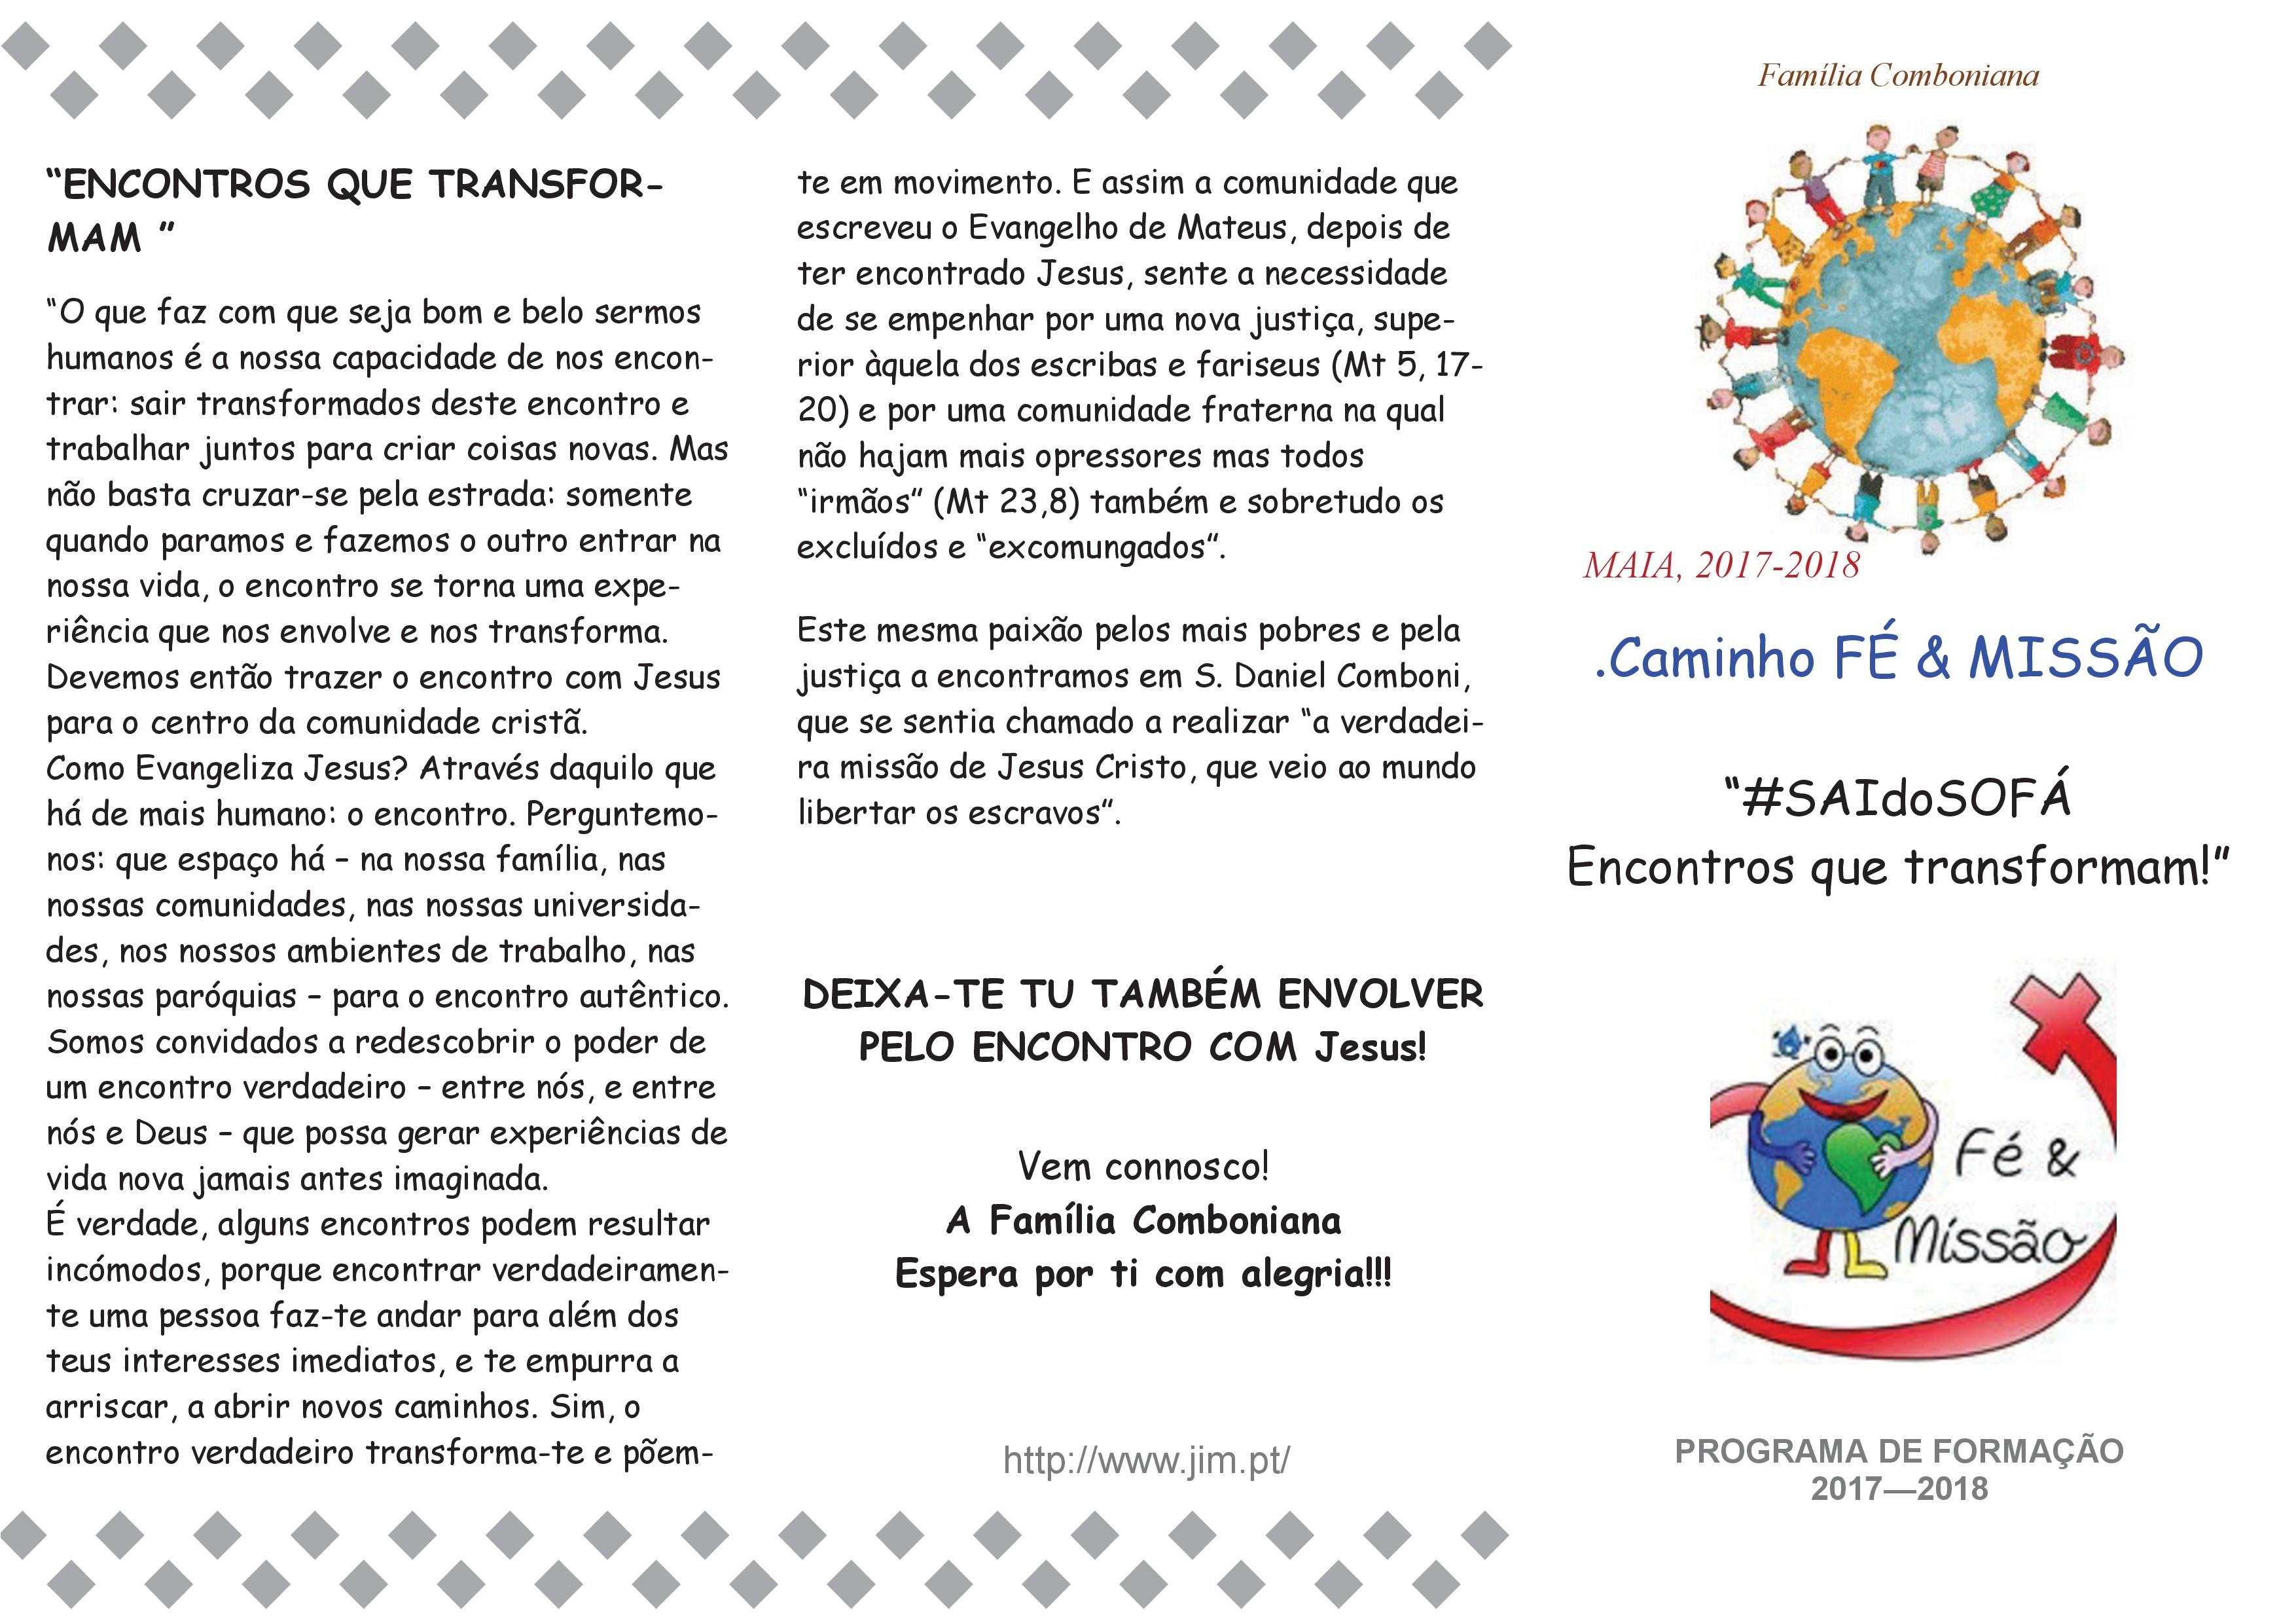 Fe e Missão 2017-2018_ALTERADO_1